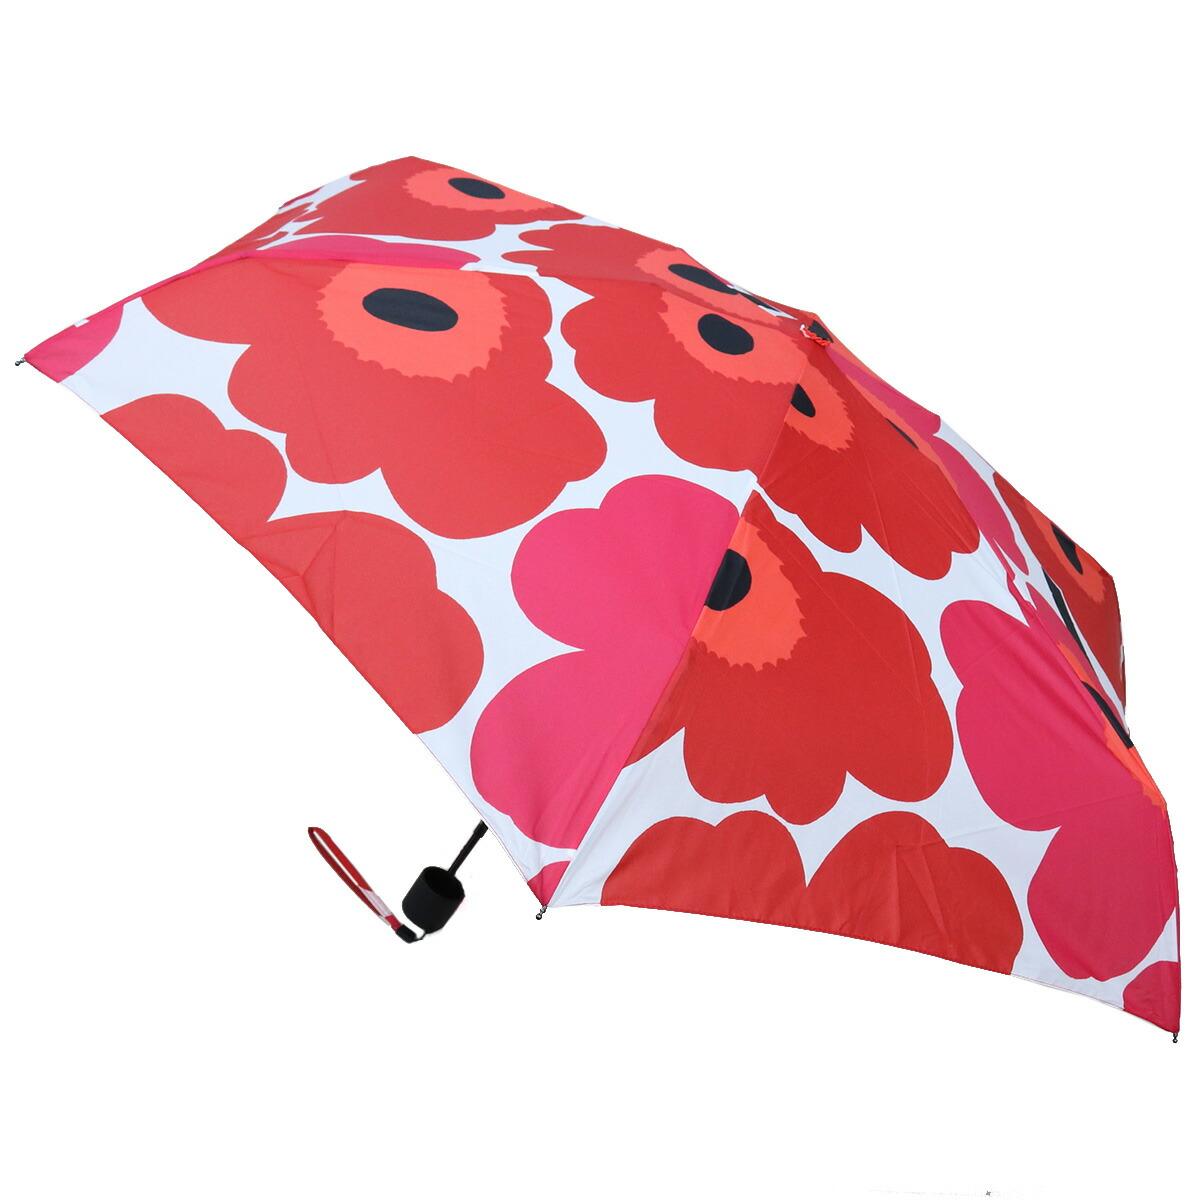 マリメッコ marimekko ウニッコ unikko カサ 傘 折り畳み傘 ブランド傘 ギフト プレゼント 無料ラッピング 48858 001 レッド系 ホワイト系